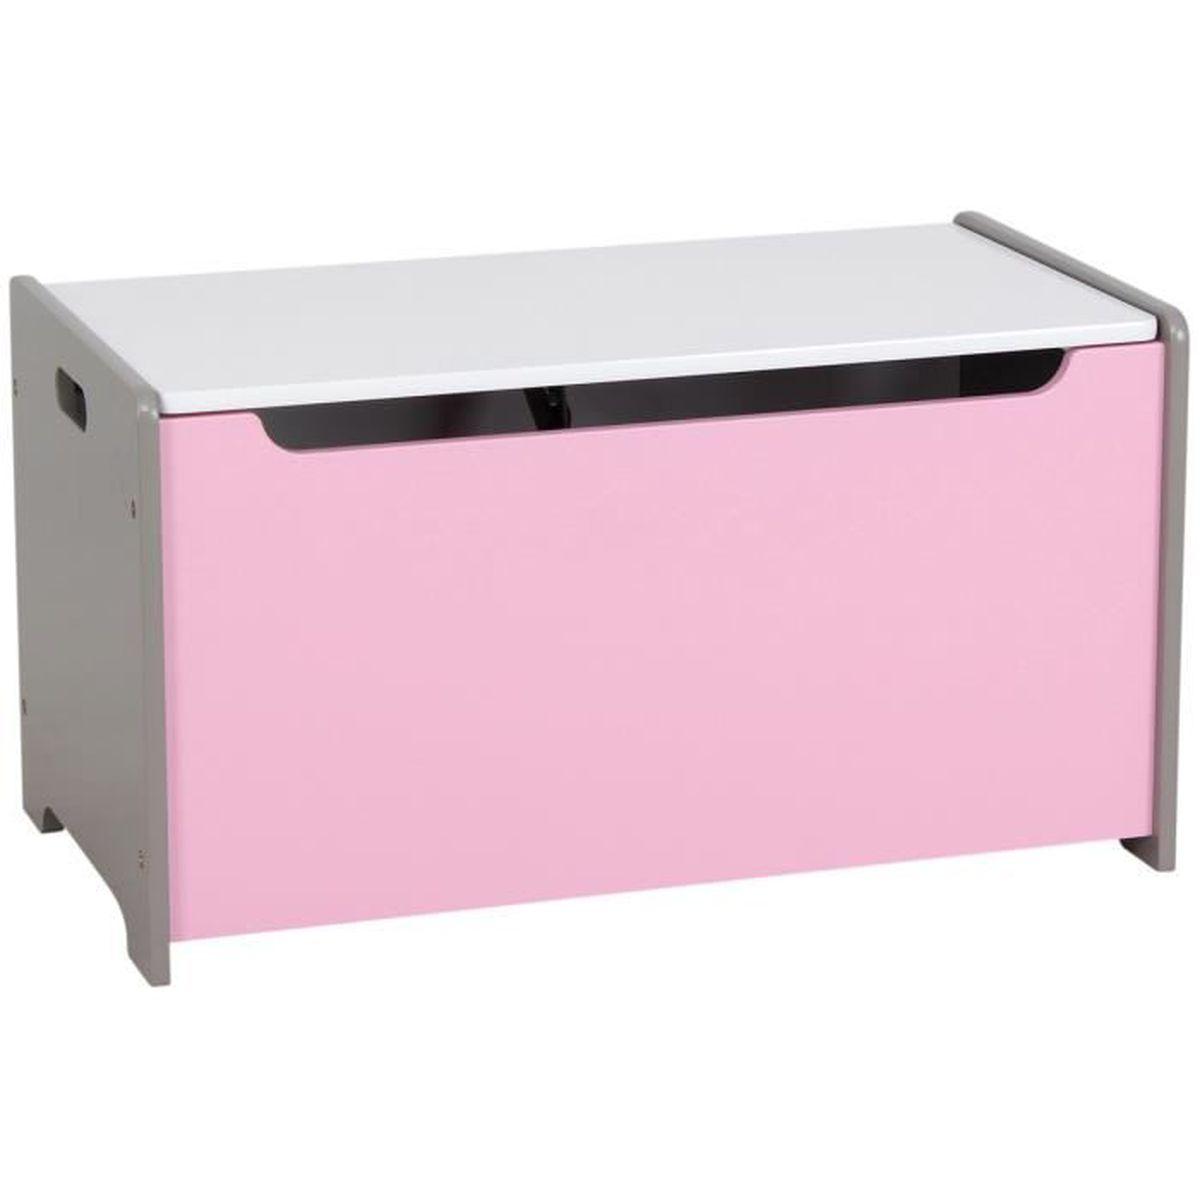 coffre de rangement malle a jouets en bois s curite verin enfant rose achat vente coffre de. Black Bedroom Furniture Sets. Home Design Ideas